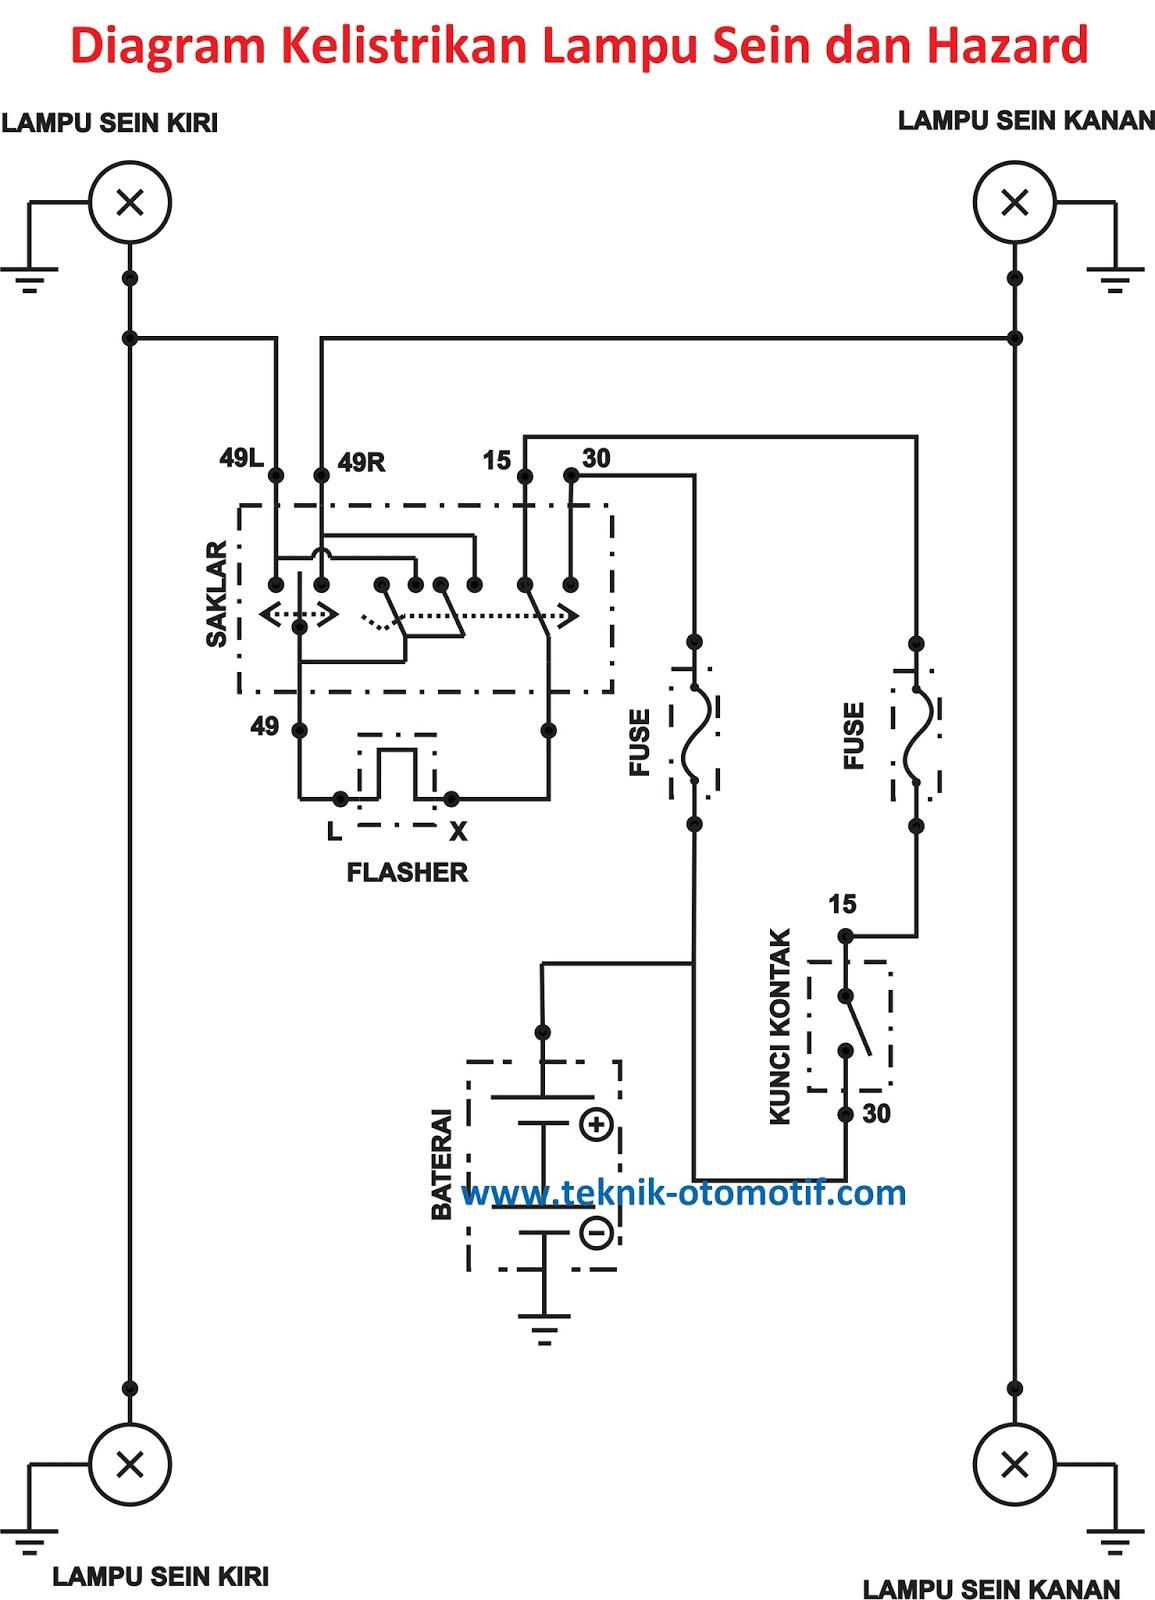 Job Sheet Rangkaian Lampu Sein dan Hazard | teknik